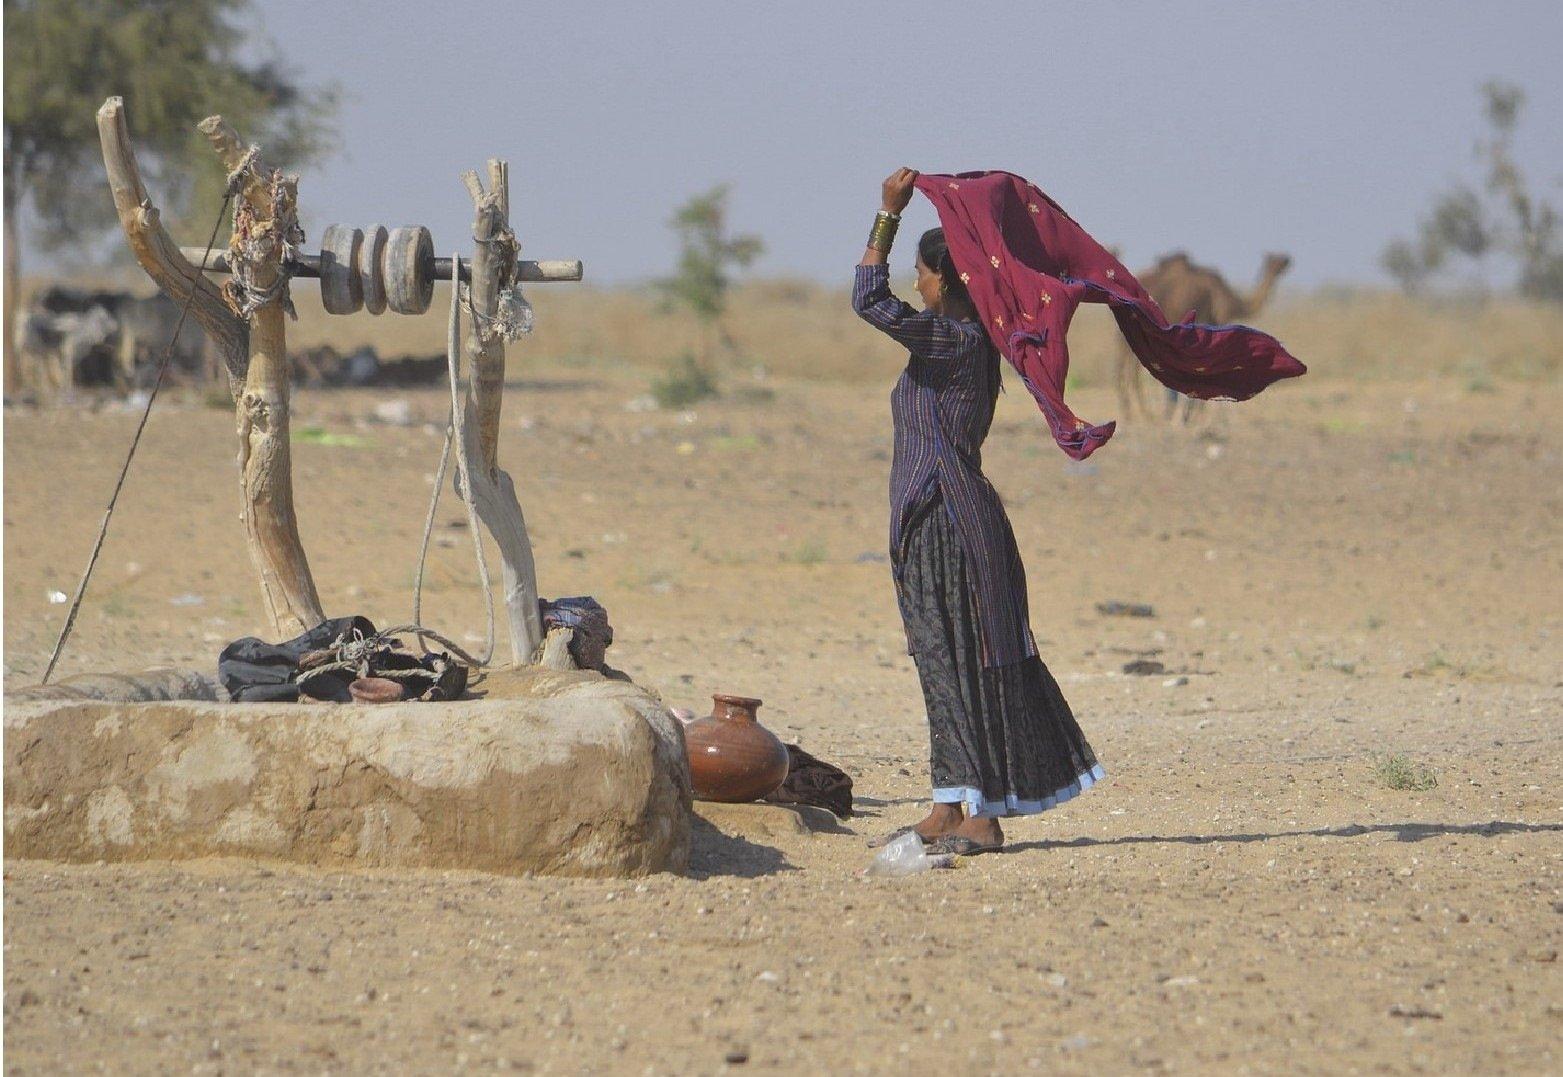 Cáritas apoya planes de emergencia contra la hambruna y el terrorismo en Etiopía, Sudán del Sur y Níger